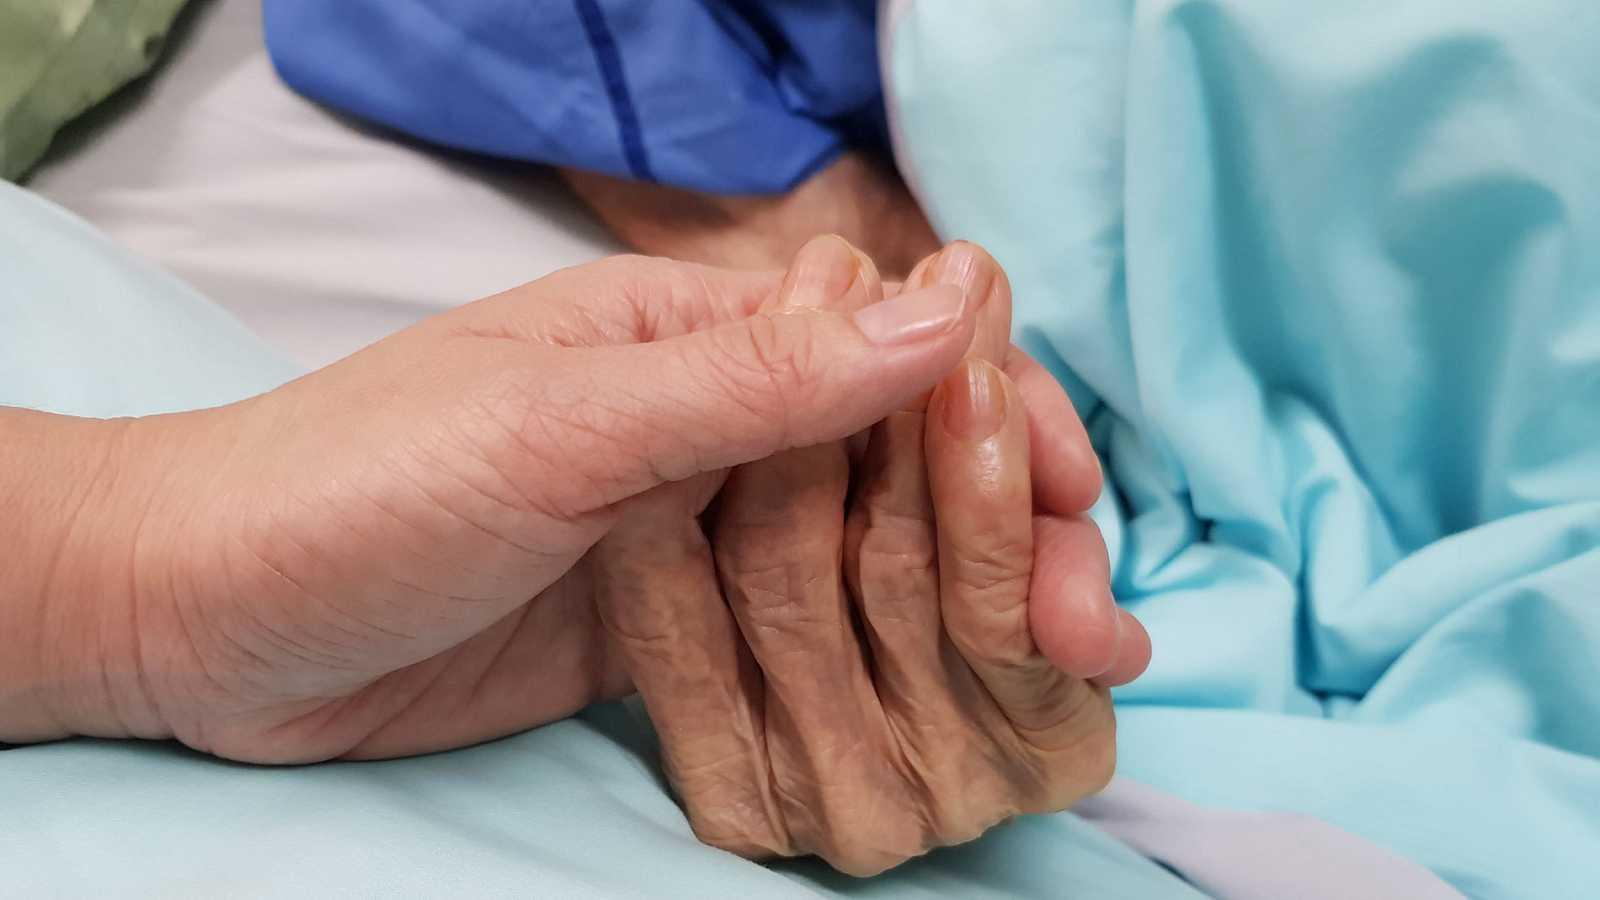 La eutanasia fue legalizada en los Países Bajos en 2002, y uno de los requisitos imprescindibles para lograrla es sufrir una enfermedad incurable